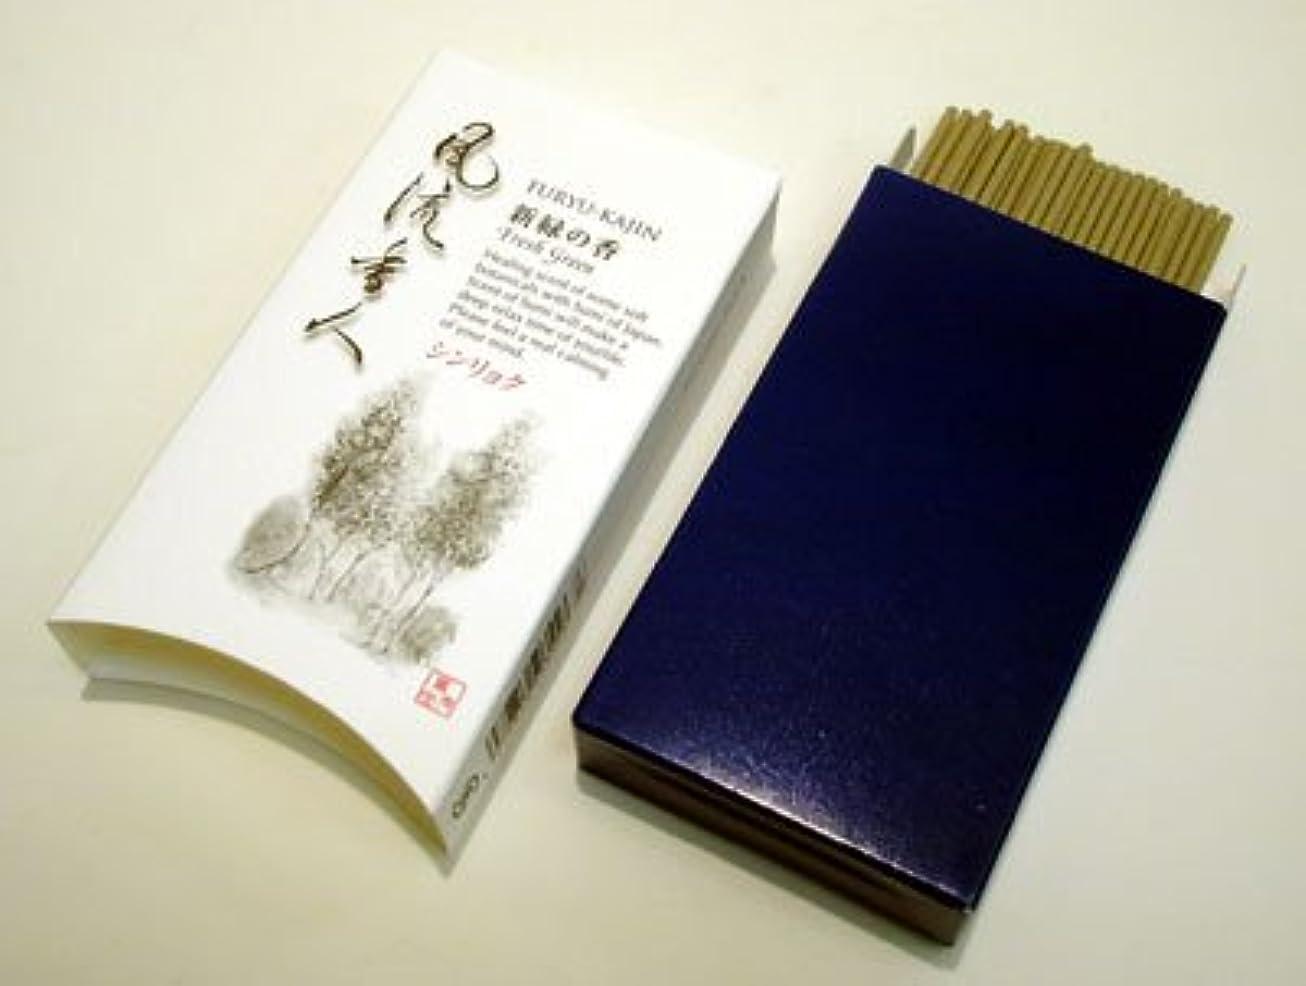 輝度可愛い最初は墨の香りに植物の香りをブレンド 薫寿堂【風流香人 新緑 ミニ】スティック 【お香】